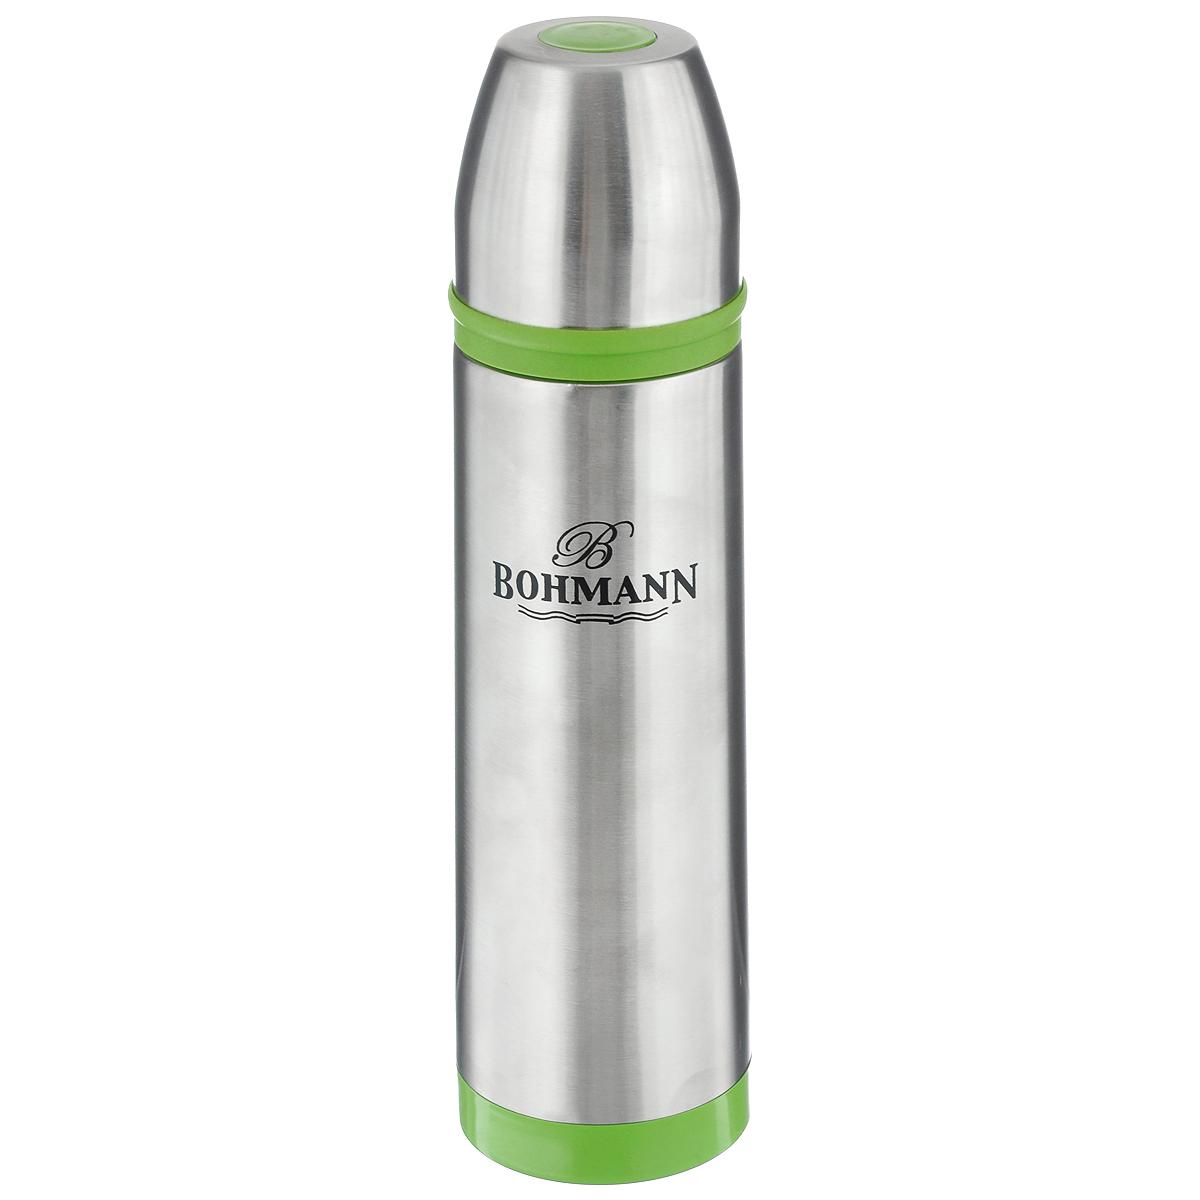 Термос Bohmann, цвет: металлик, салатовый, 1 л. 4492BHNEW4492BHNEW_салатовыйТермос Bohmann выполнен из высококачественной нержавеющей стали с матовой полировкой, пластика и силикона. Двойные стенки сохраняют температуру до 24 часов. Внутренняя колба выполнена из высококачественной нержавеющей стали марки 18/10. Термос имеет вакуумную прослойку между внутренней колбой и внешней стенкой. Специальная термоизоляционная прокладка удерживает тепло. Термос снабжен плотно прилегающей закручивающейся пластиковой пробкой с нажимным клапаном и укомплектован теплоизолированной чашкой из нержавеющей стали. Для того чтобы налить содержимое термоса, нет необходимости откручивать пробку. Достаточно надавить на клапан, расположенный в центре. Легкий и удобный, термос Bohmann станет незаменимым спутником в ваших поездках. Диаметр чашки (по верхнему краю): 7,5 см. Высота стенки чашки: 7,5 см. Диаметр горлышка термоса: 5 см. Диаметр основания термоса: 8 см. Высота термоса (с учетом крышки): 32,5 см. Объем: 1 л.